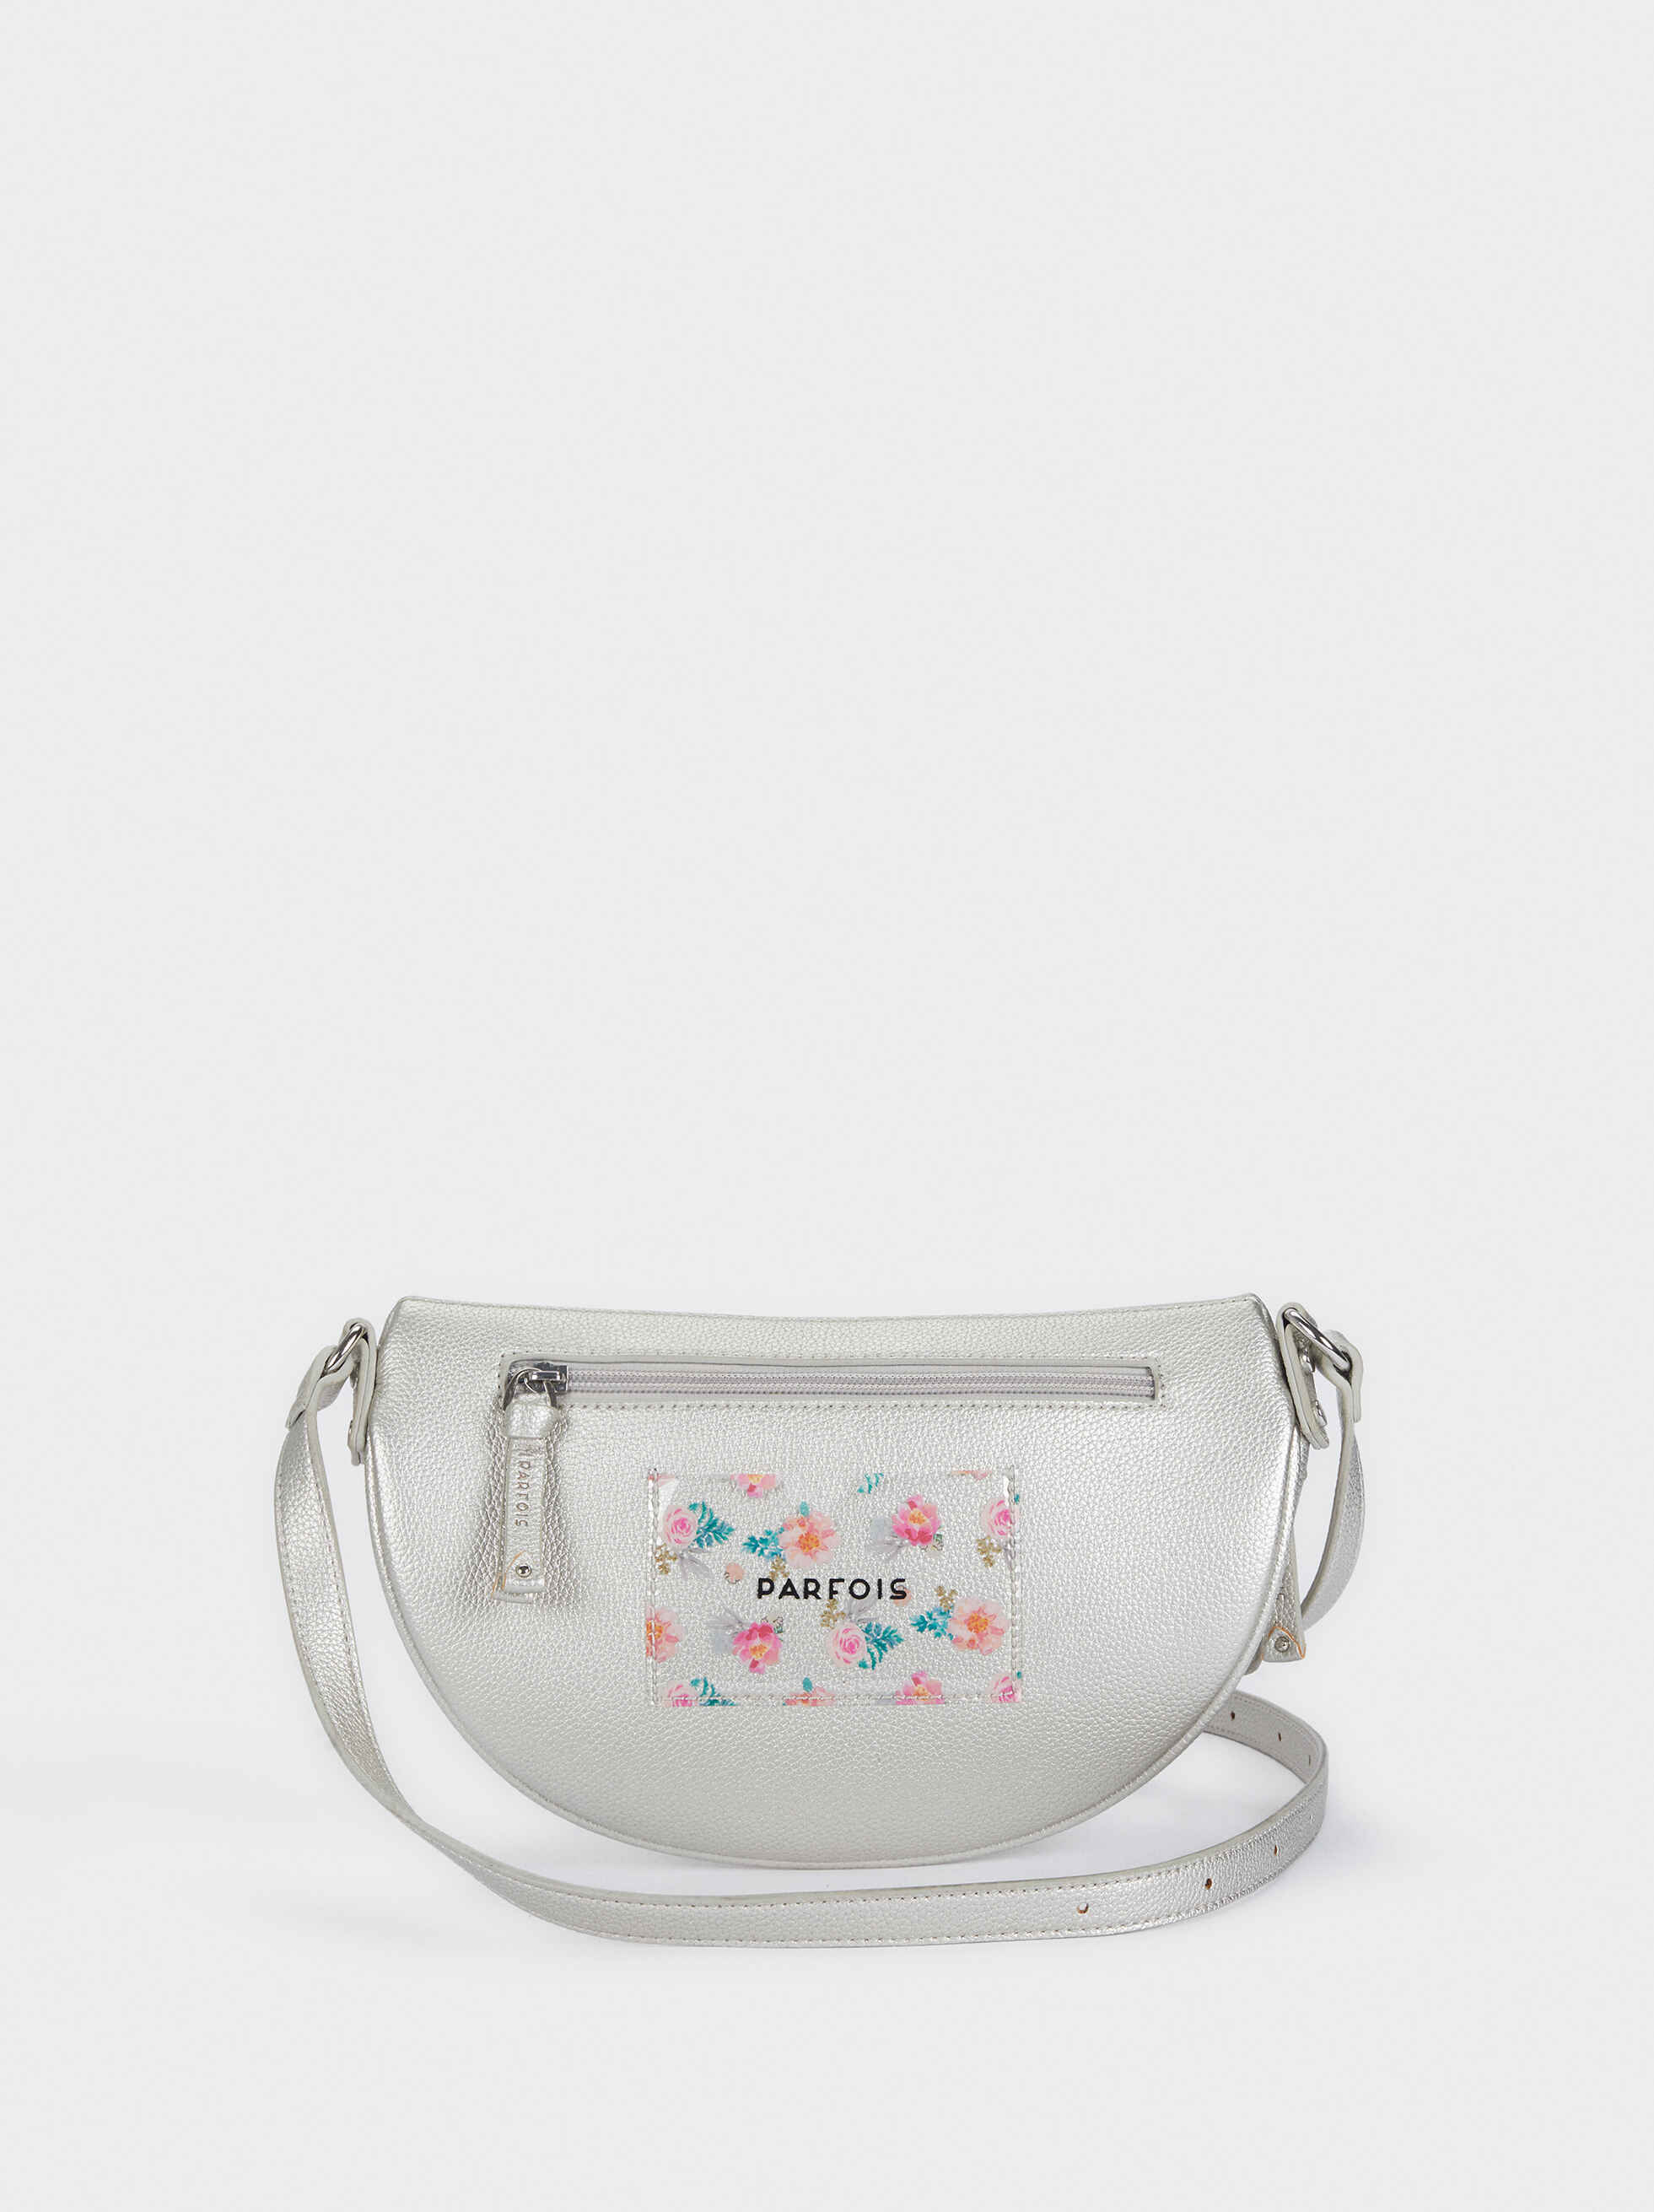 Crossbody Belt Bag With Floral Detailing, Silver, hi-res